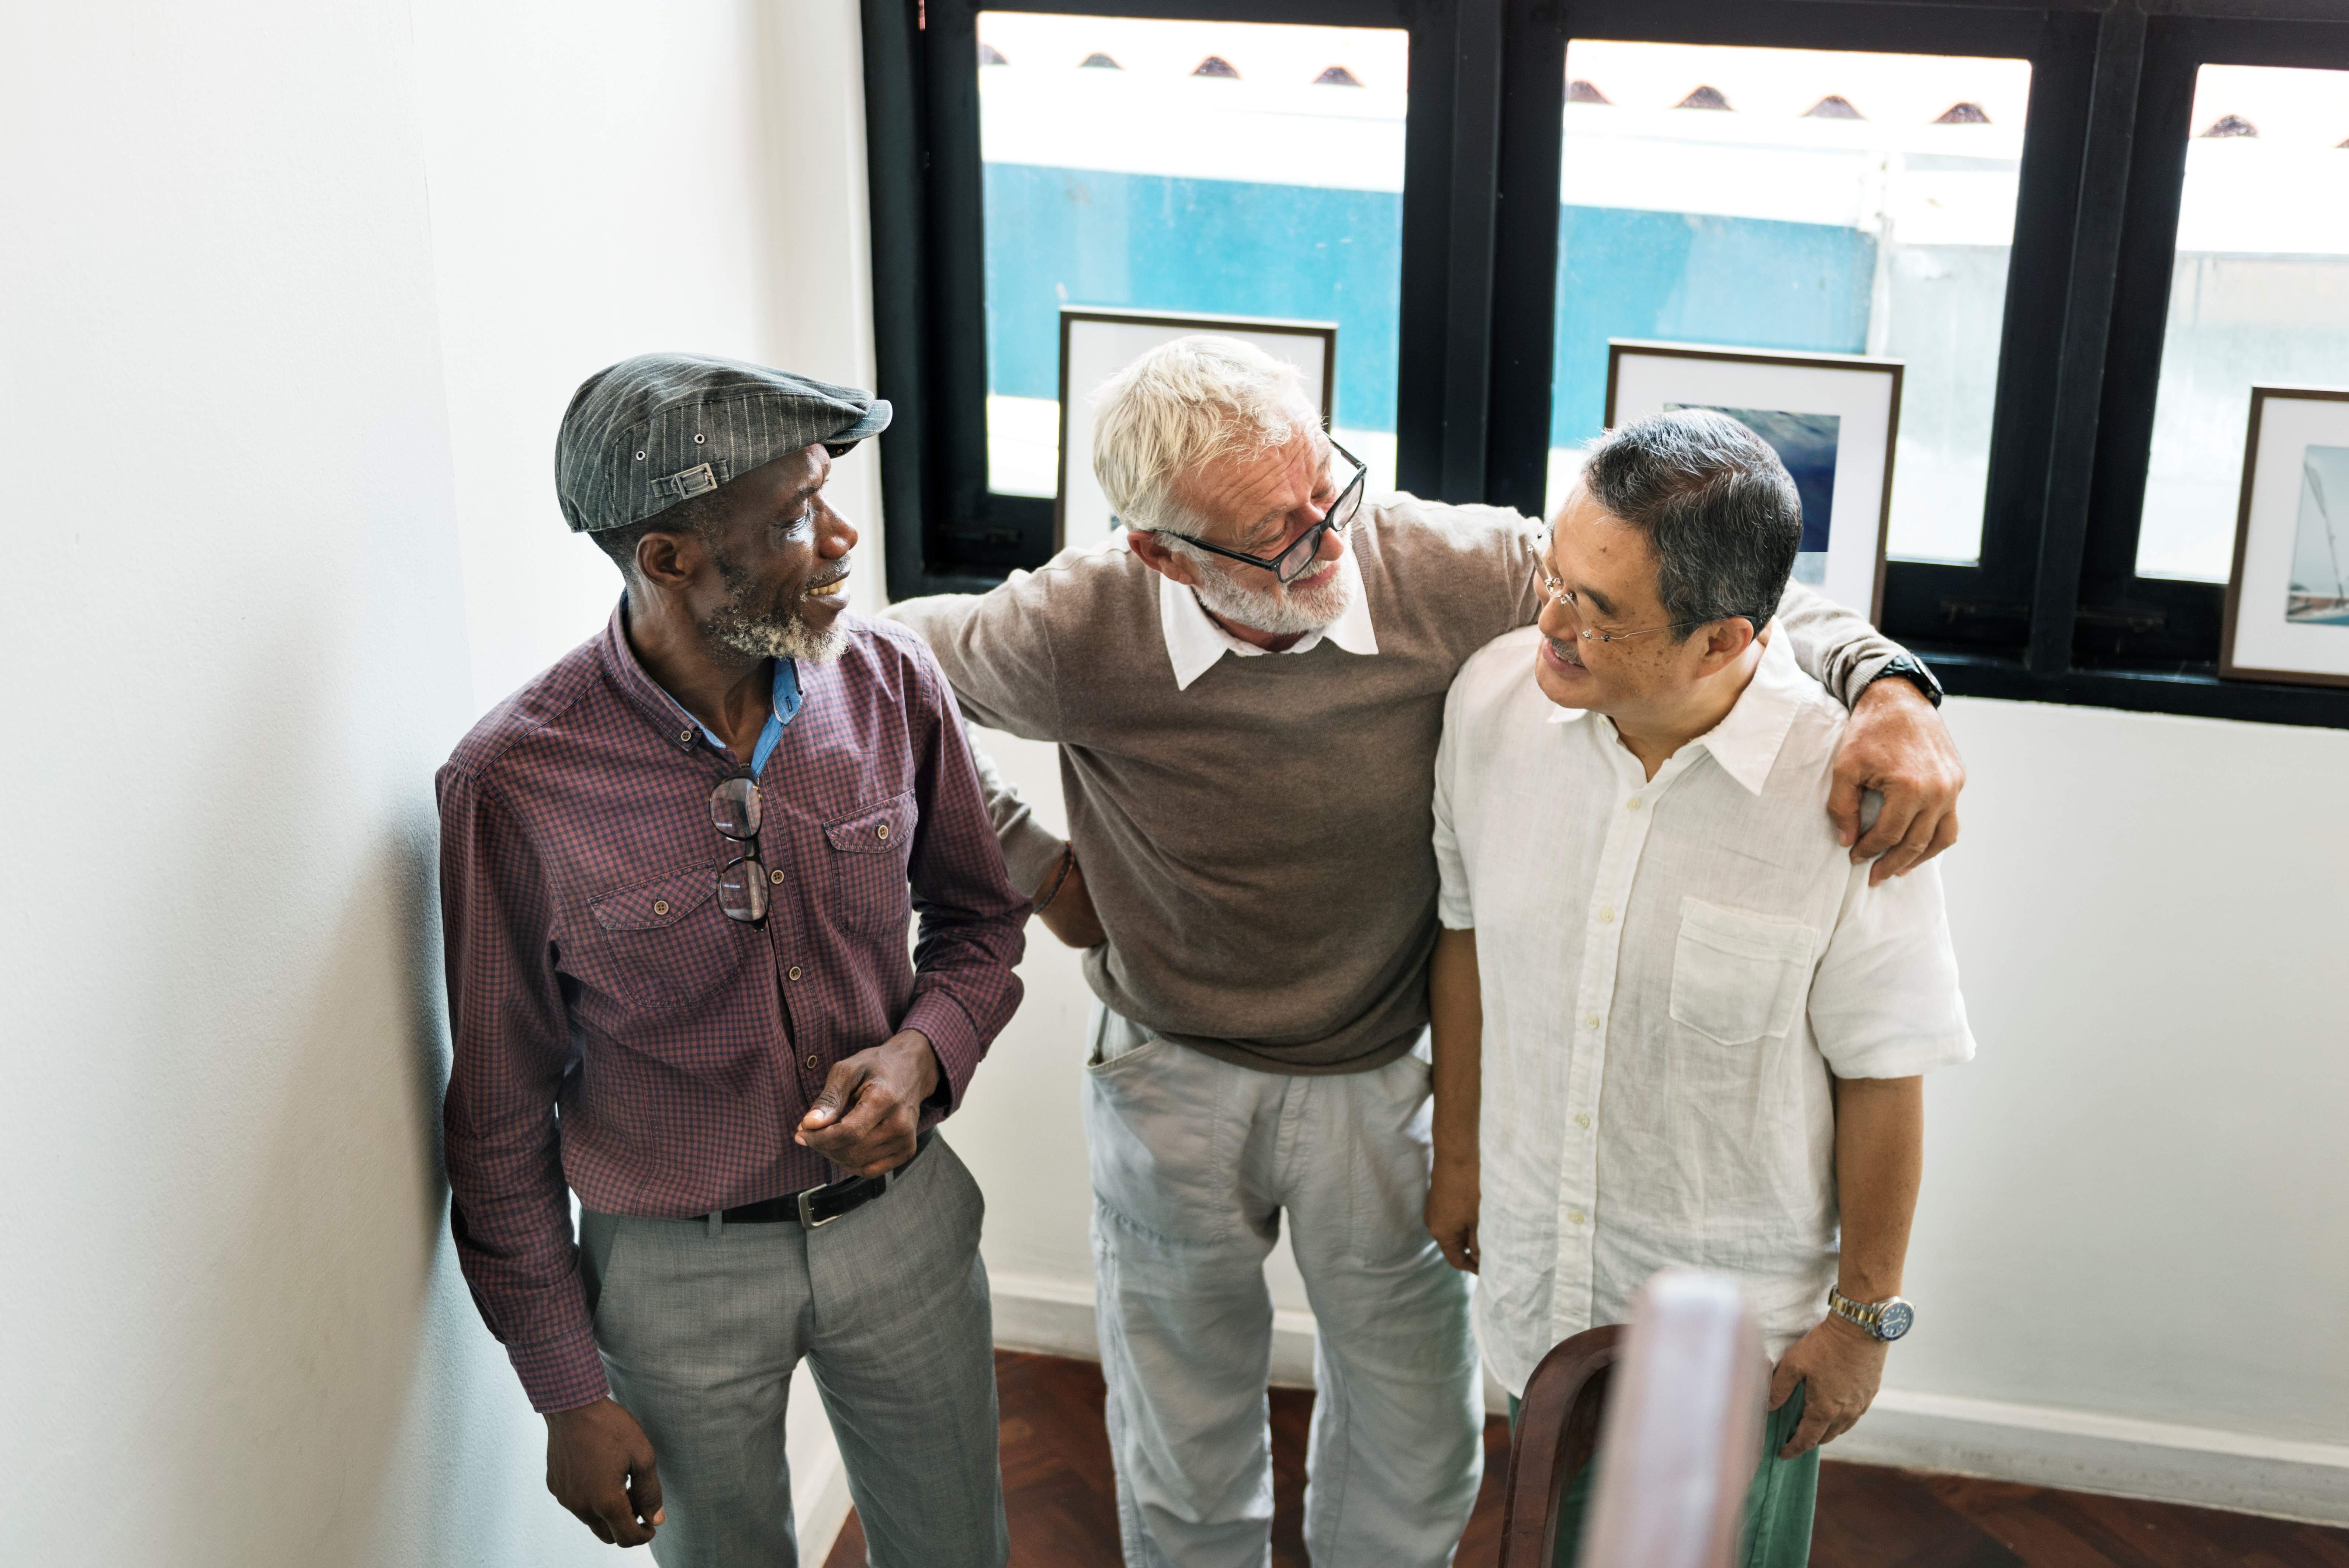 3 gentlemen conversating